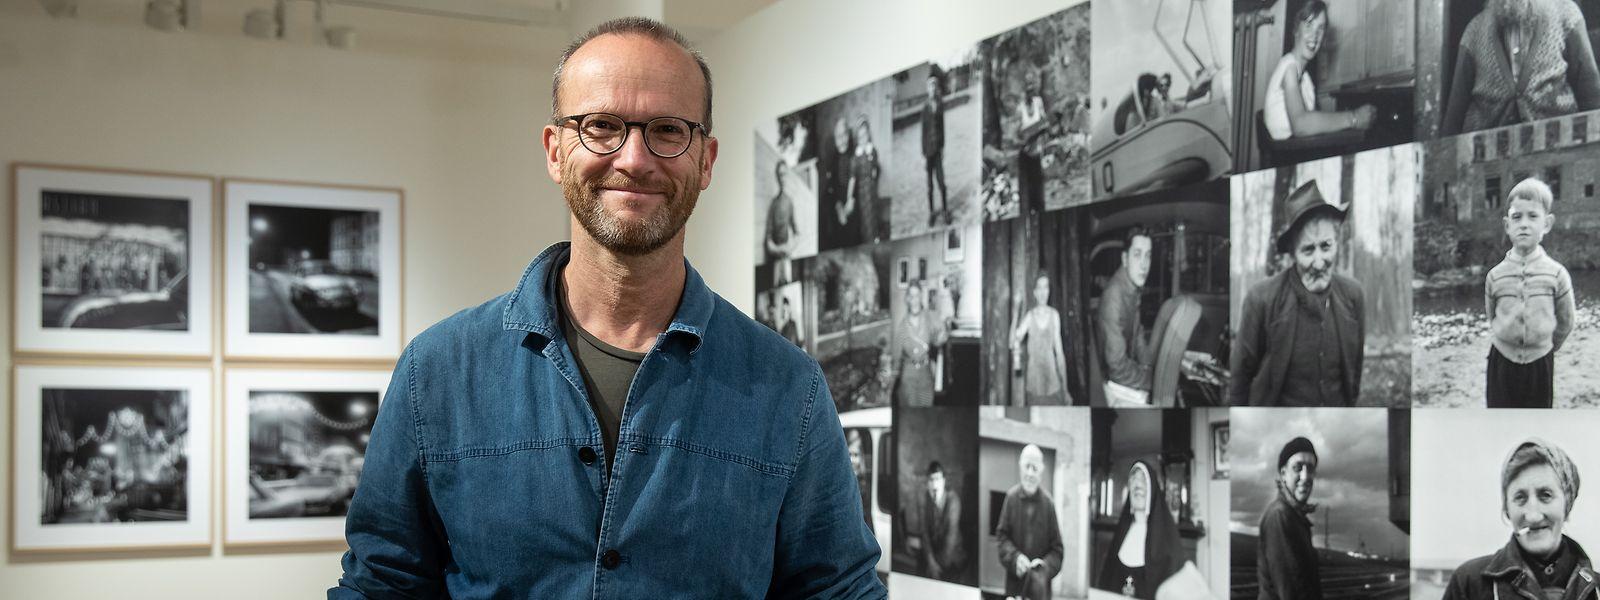 Wie aus den insgesamt 220.000 Bildern aus dem Erbe Pol Aschmans auswählen? Zusammen mit der Fotothek der Stadt versuchte Christian Aschman eine große Breite des Schaffens von Pol Aschman darzustellen; letztlich auch, um einer neuen Generation zu zeigen, welche Kontexte darin schlummern.